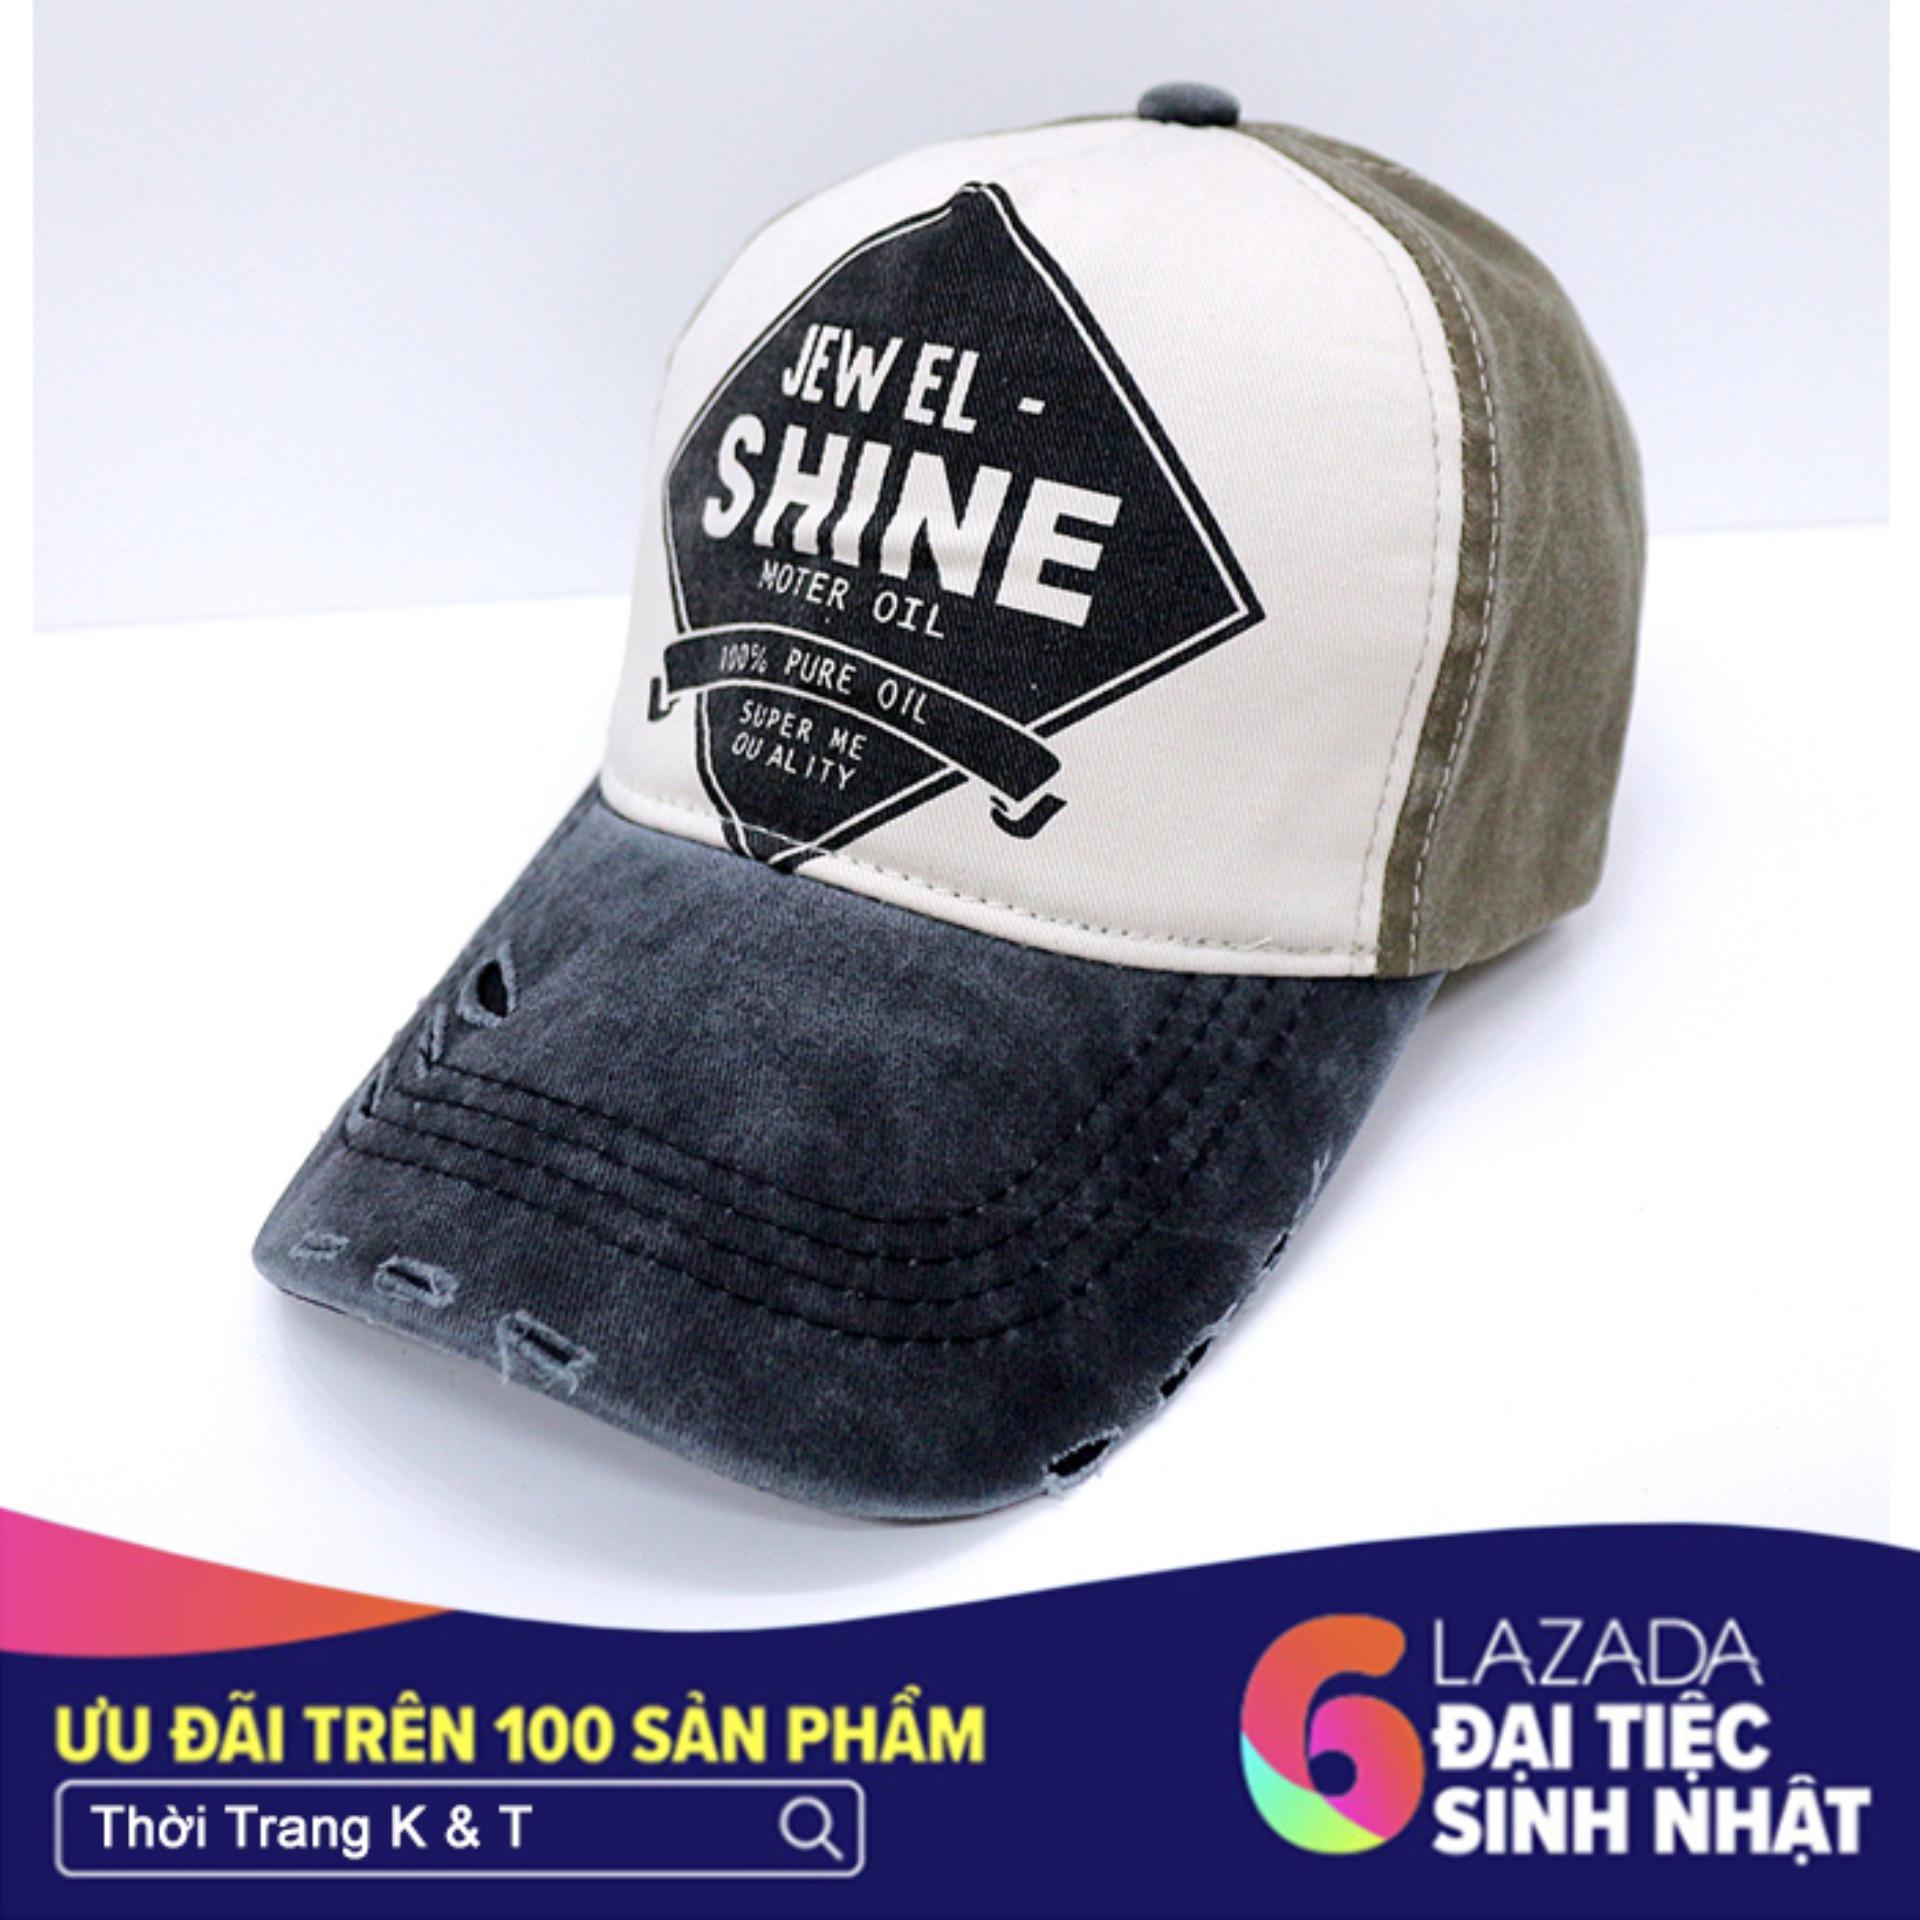 Hình ảnh Nón Thể Thao Shine design Thời Trang K & T (Xám)